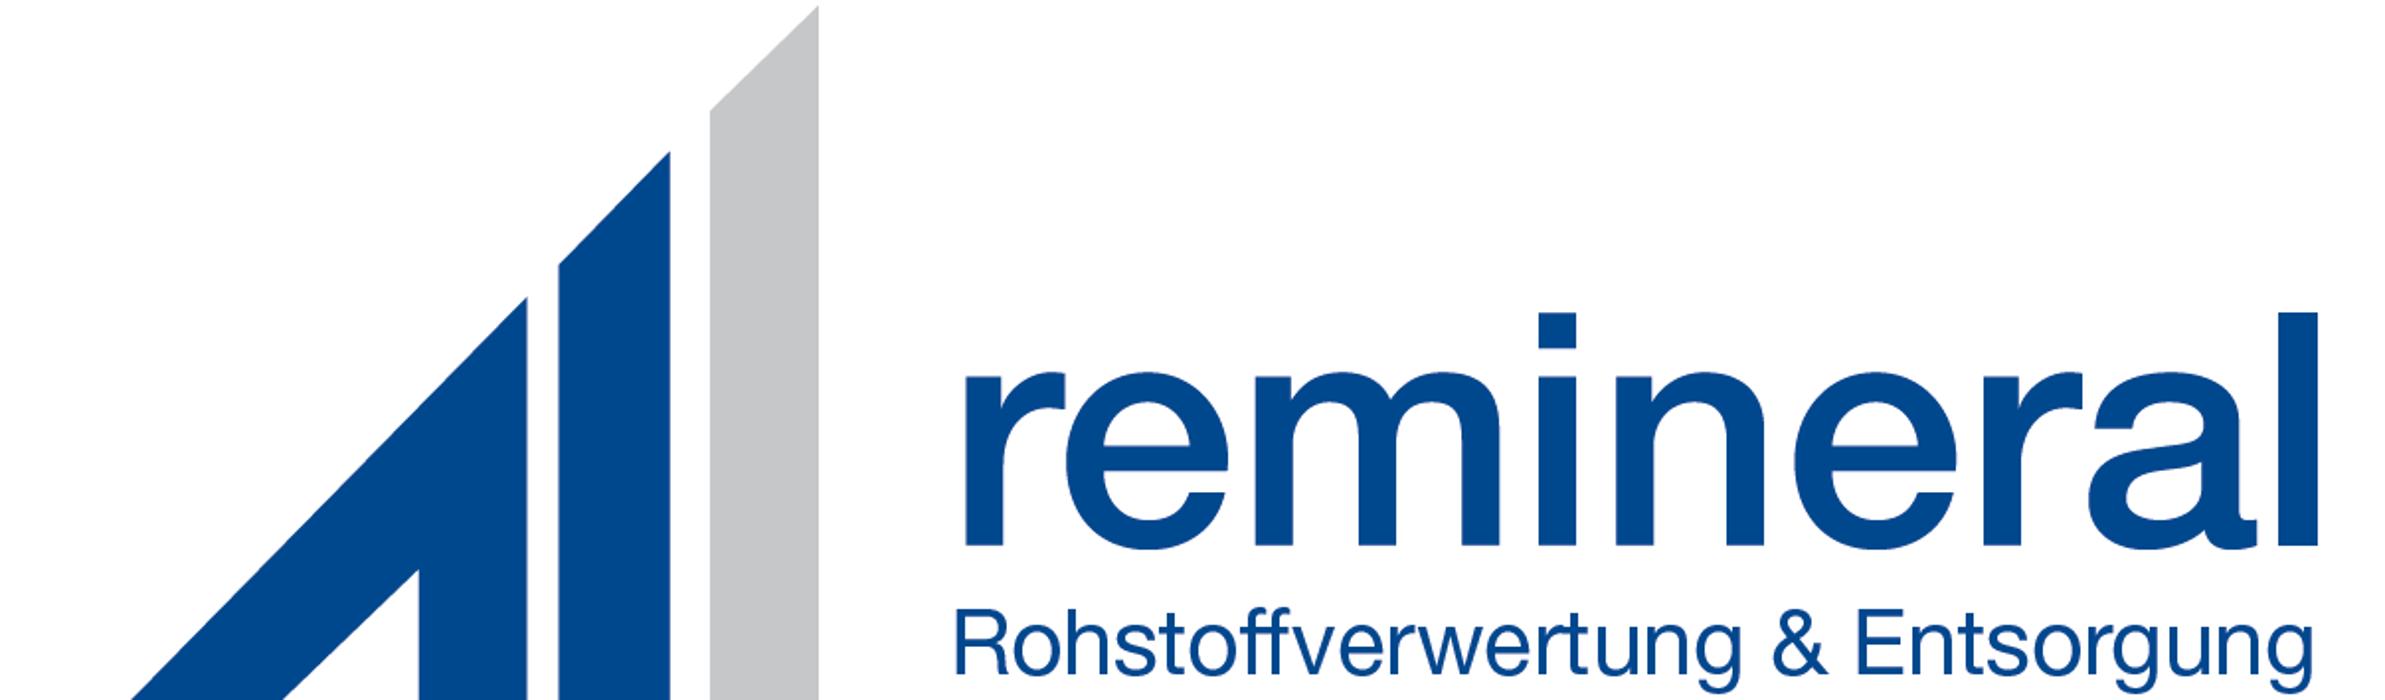 Bild zu remineral Rohstoffverwertung & Entsorgung GmbH & Co. KG in Duisburg